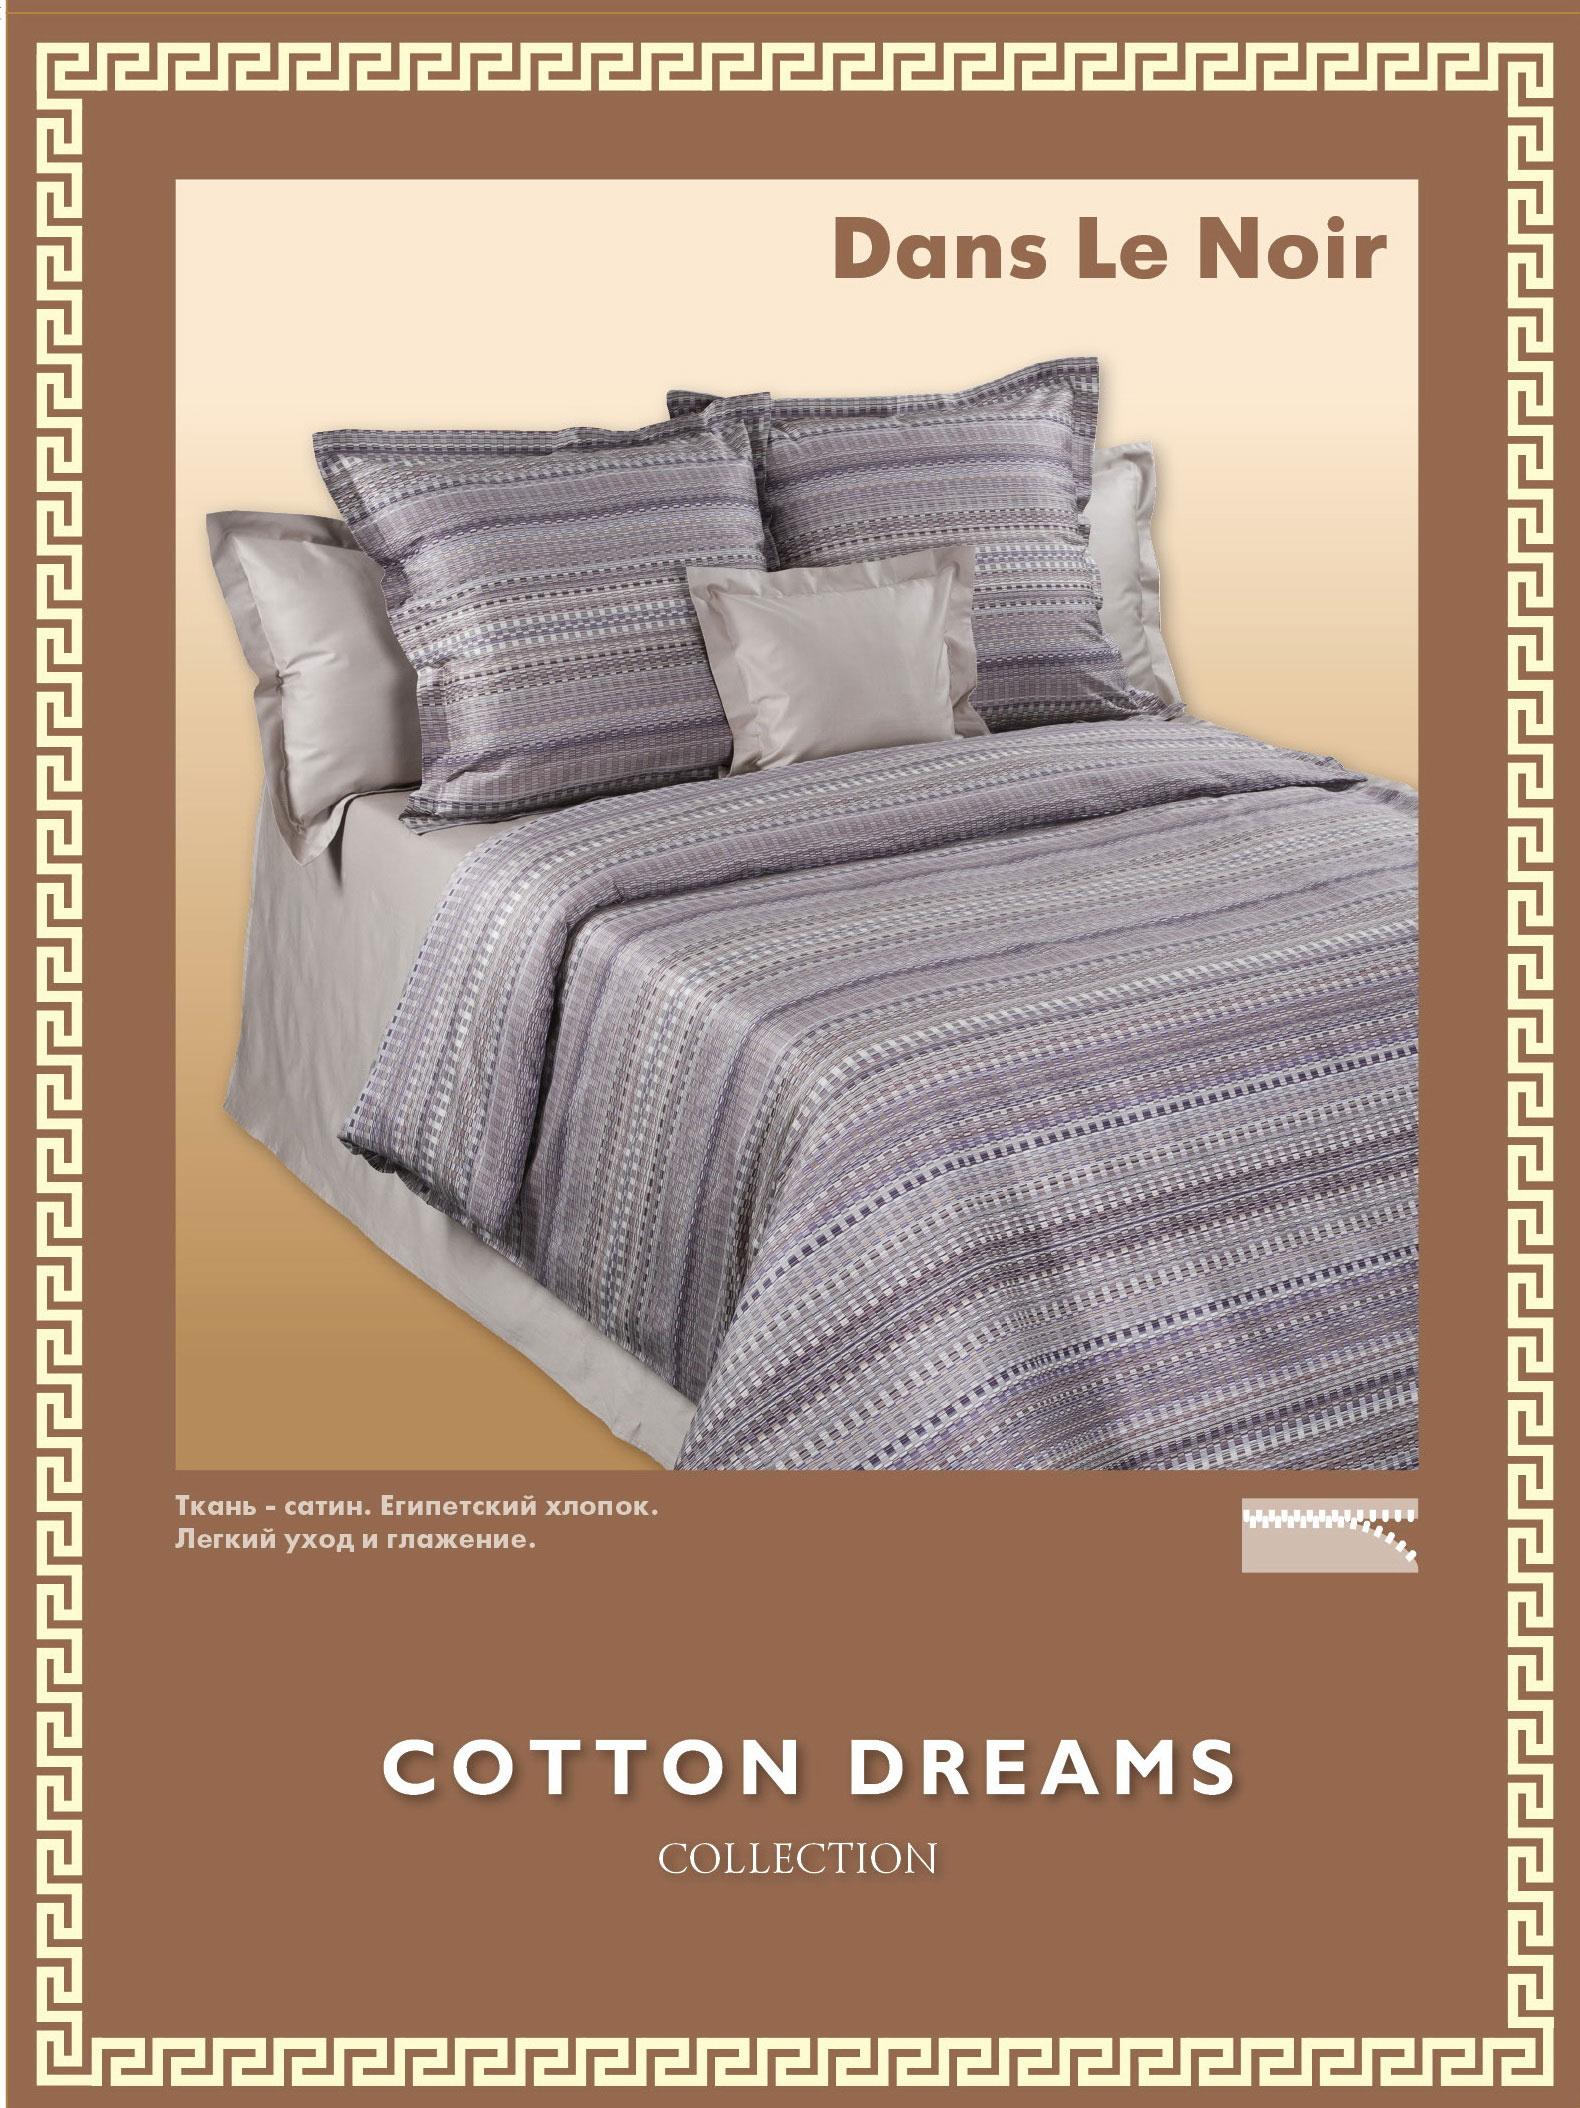 Cotton Dreams представляет новый дизайн в стиле лофт в вашем интерьере.